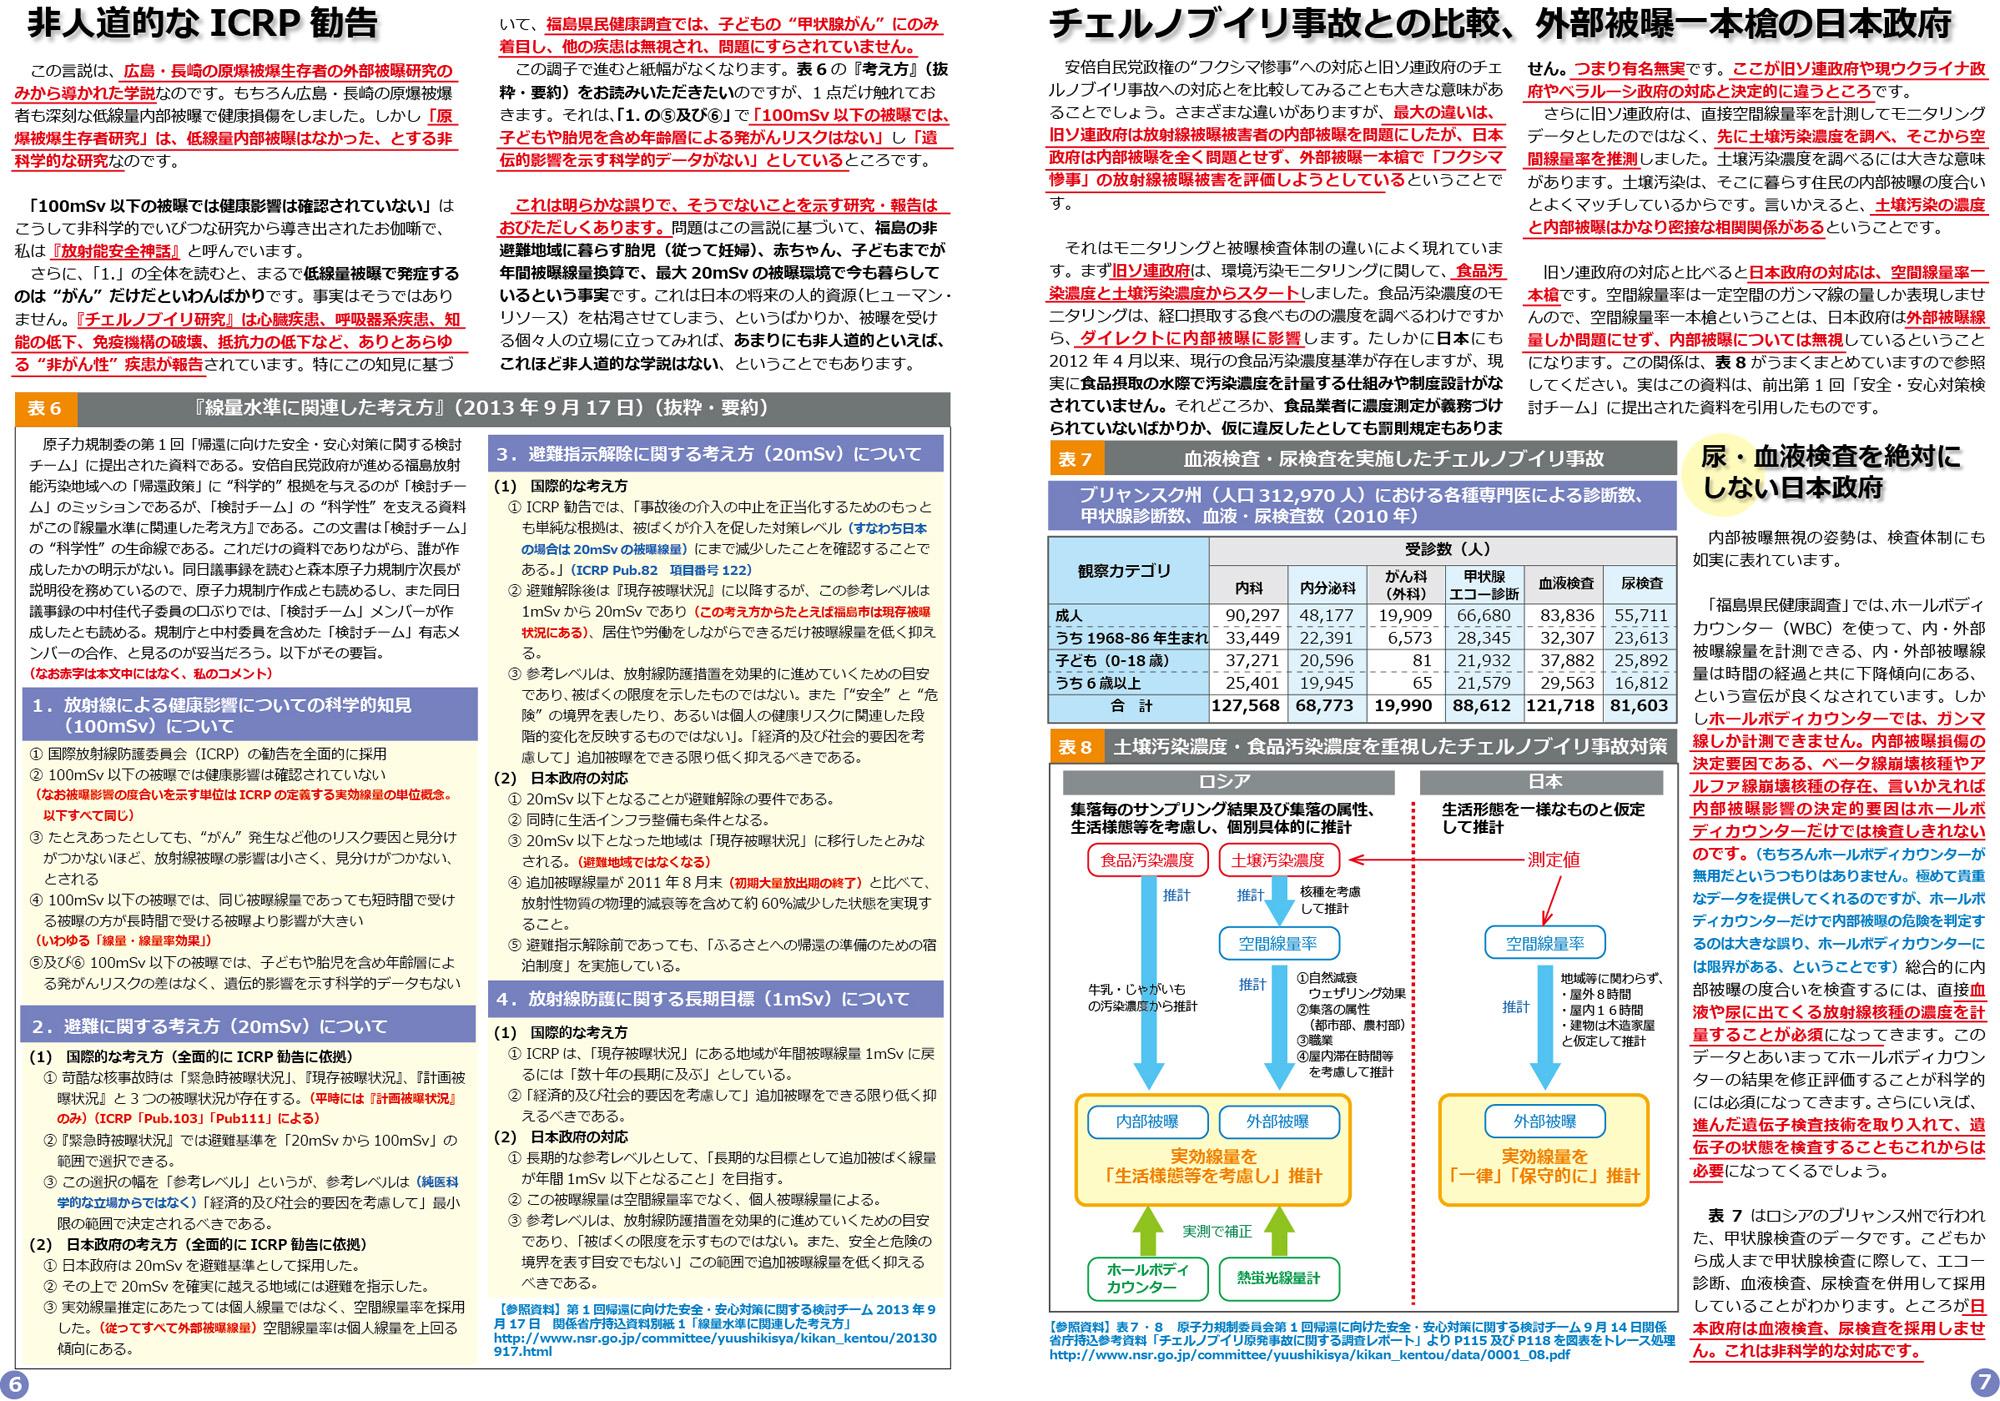 ファイル 268-4.jpg